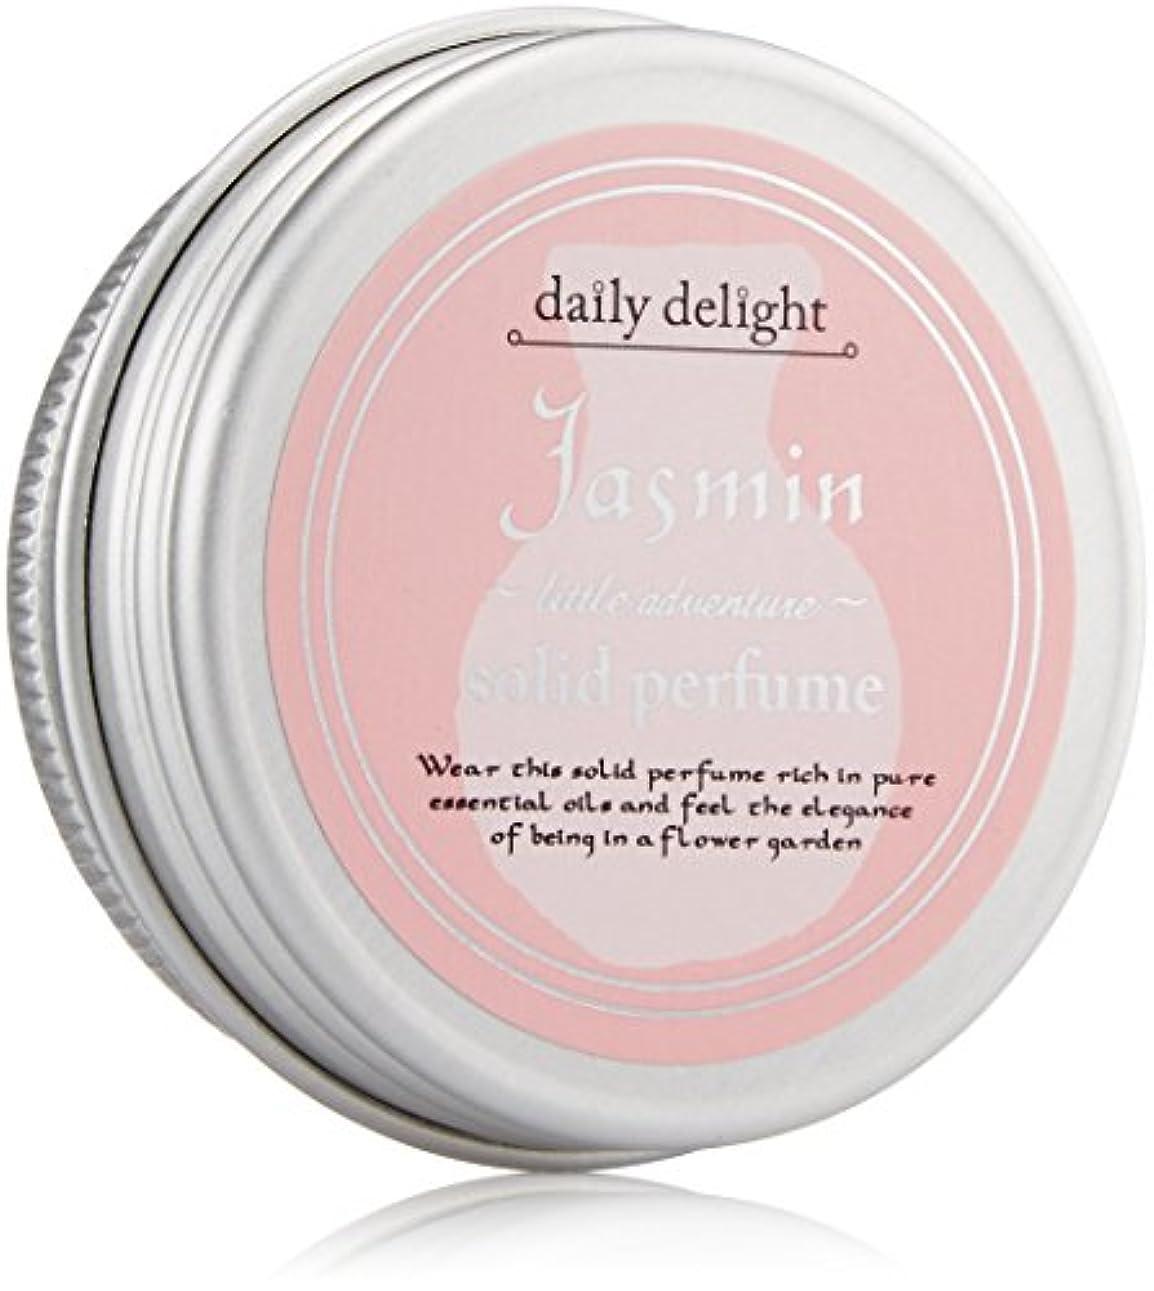 囲い飢え新しさデイリーディライト 練り香水 ジャスミン  10g(香水 携帯用 ソリッドパフューム アルコールフリー 奥深く魅了されるジャスミンの香り)